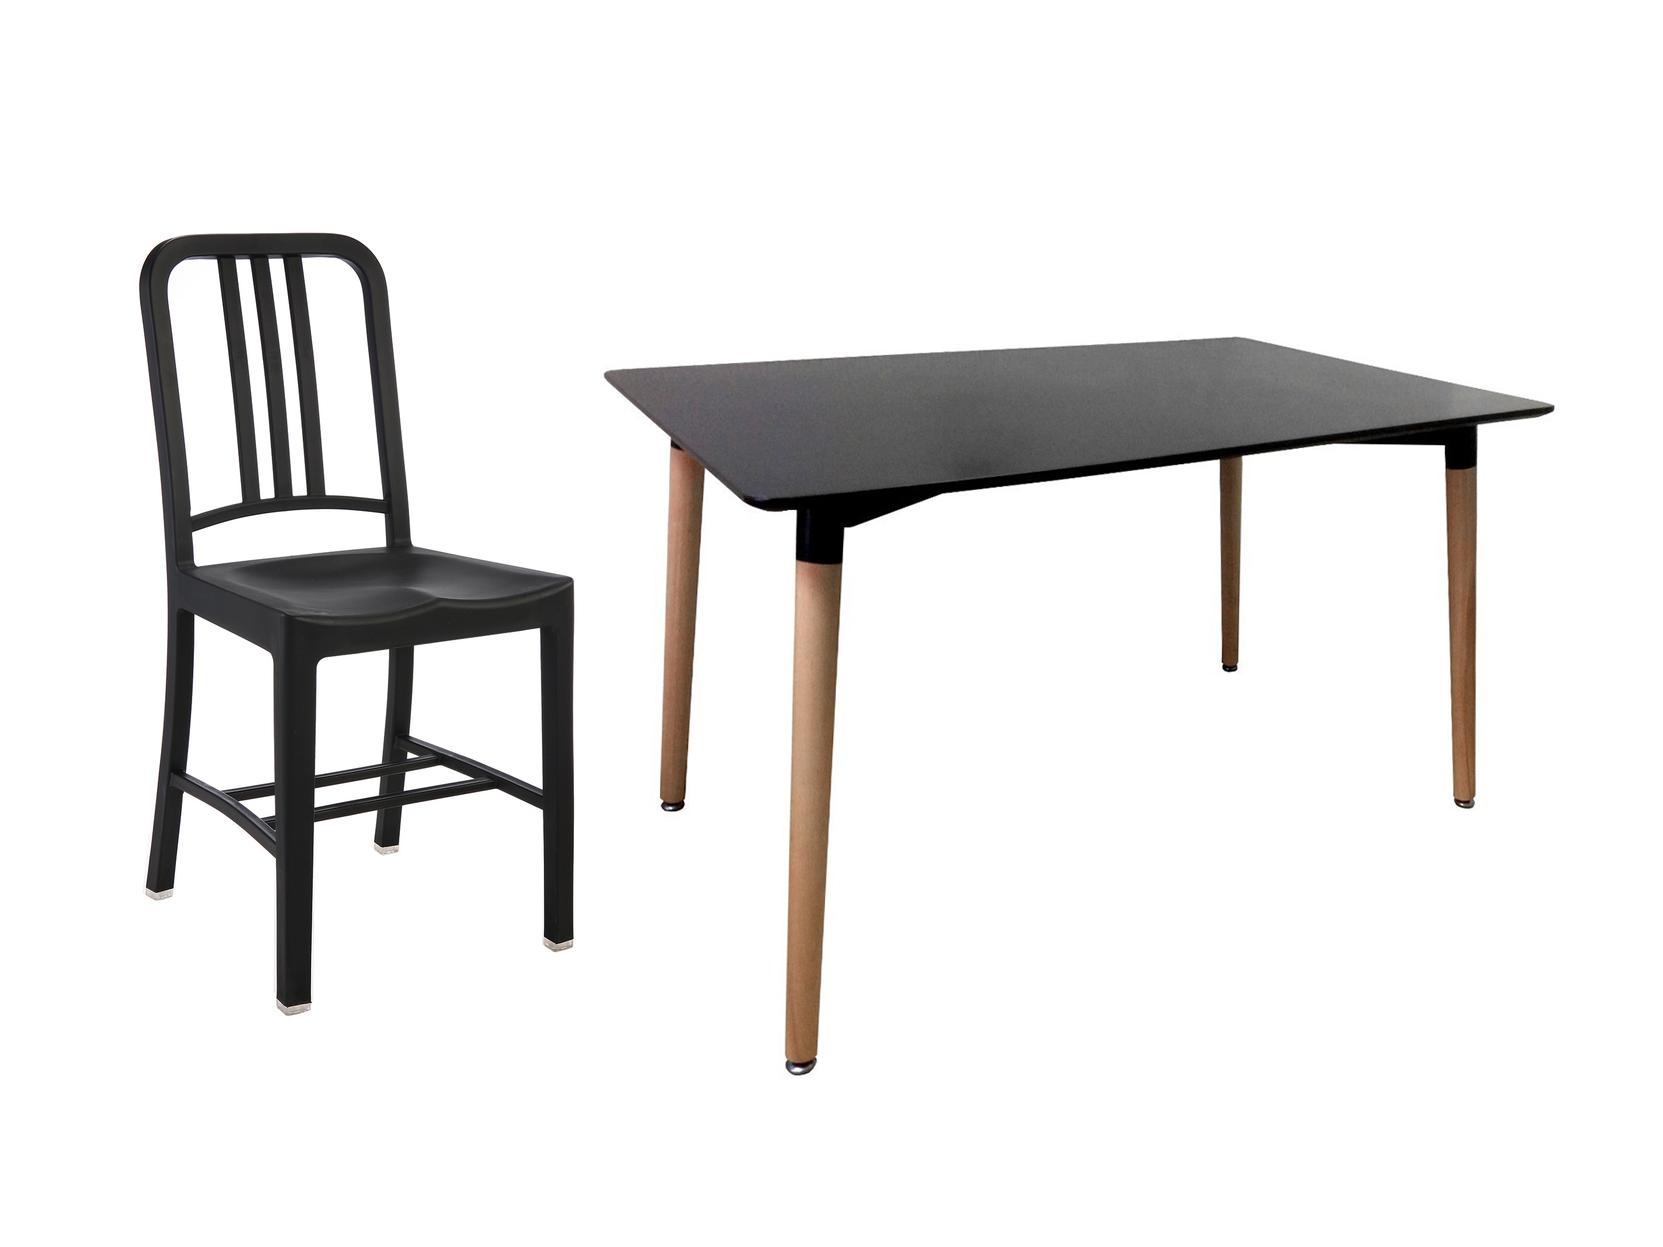 Обеденная группа Манон (стол + 4 стула)Комплекты для столовой<br>Минимализм - современный стиль, в котором ценится сочетание удобства и практичности. Именно поэтому лаконичный дизайн, простота форм и монохромность цветов станут идеальным дополнением любого интерьера. Стулья коллекции «Манон», изготовленные из прочного поликарбоната, идеальны в комплекте с обеденным столом Плавные линии, который станет выразительным акцентом для любой обстановки.Размеры стола: 120/80/73Материал стола: МДФРазмеры стула: 43/39/88Материал стула: пластик<br><br>kit: None<br>gender: None